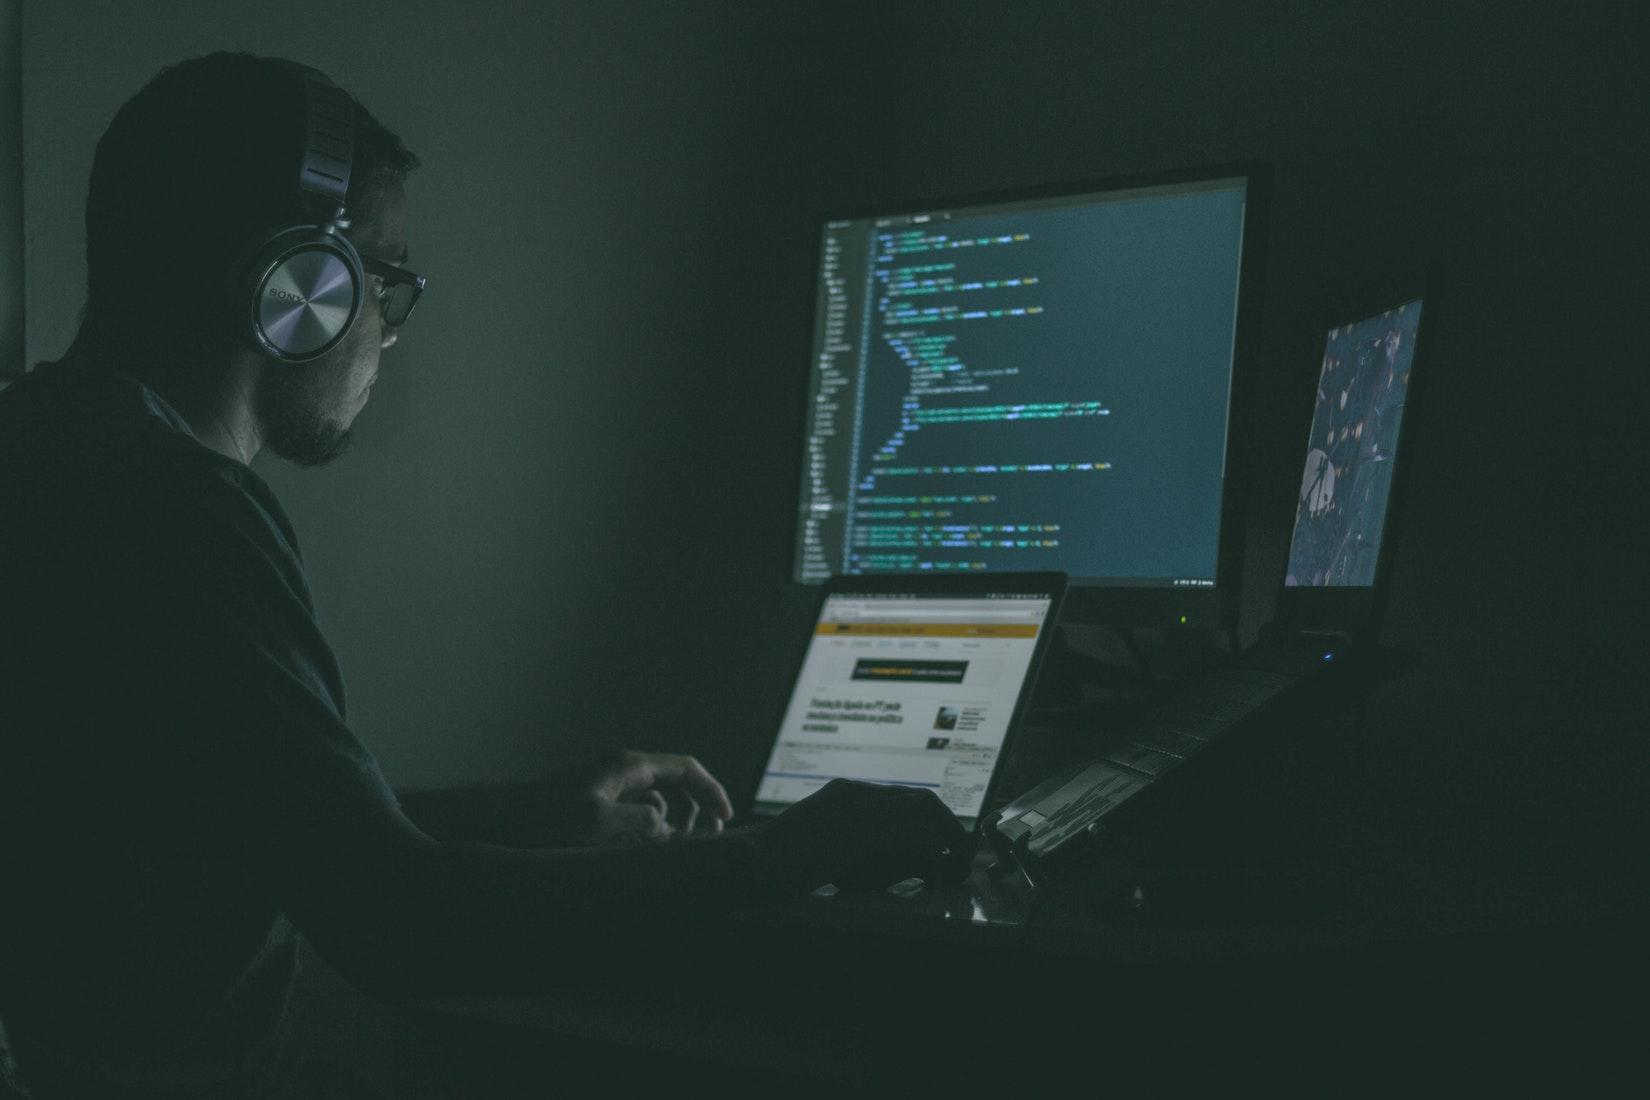 解决MySQL使用localhost可以连接但是用127.0.0.1不可以连接问题